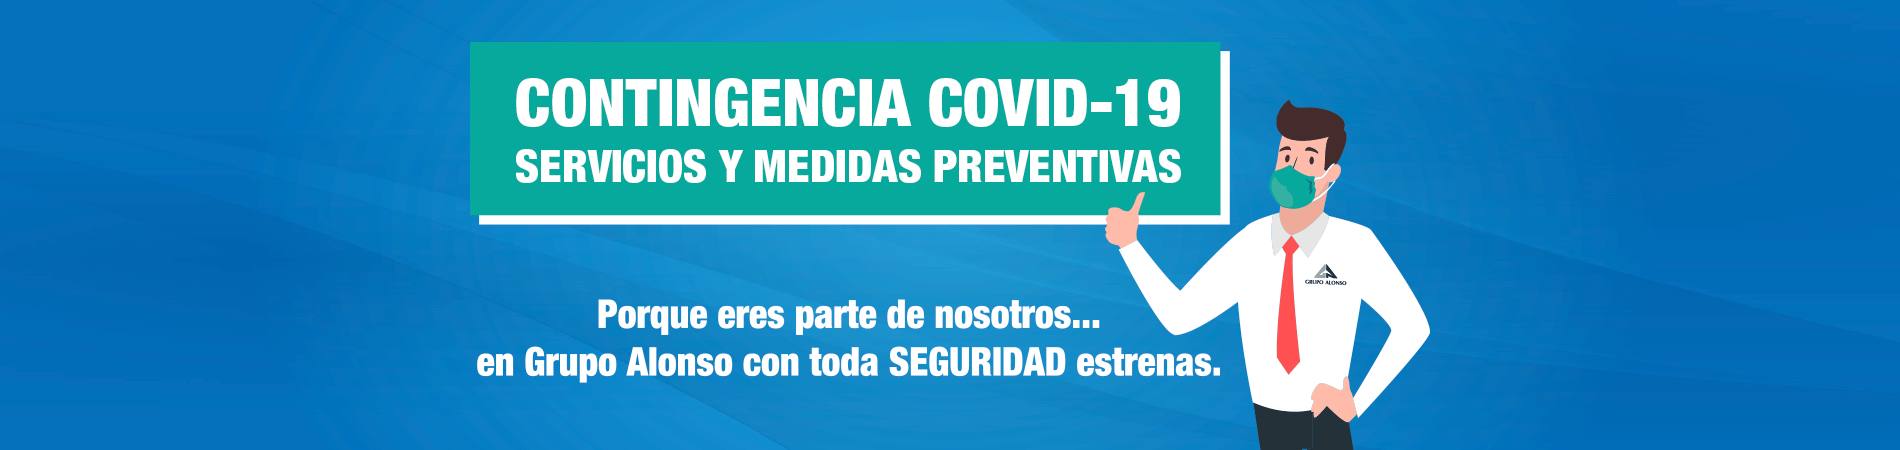 Contingencia COVID